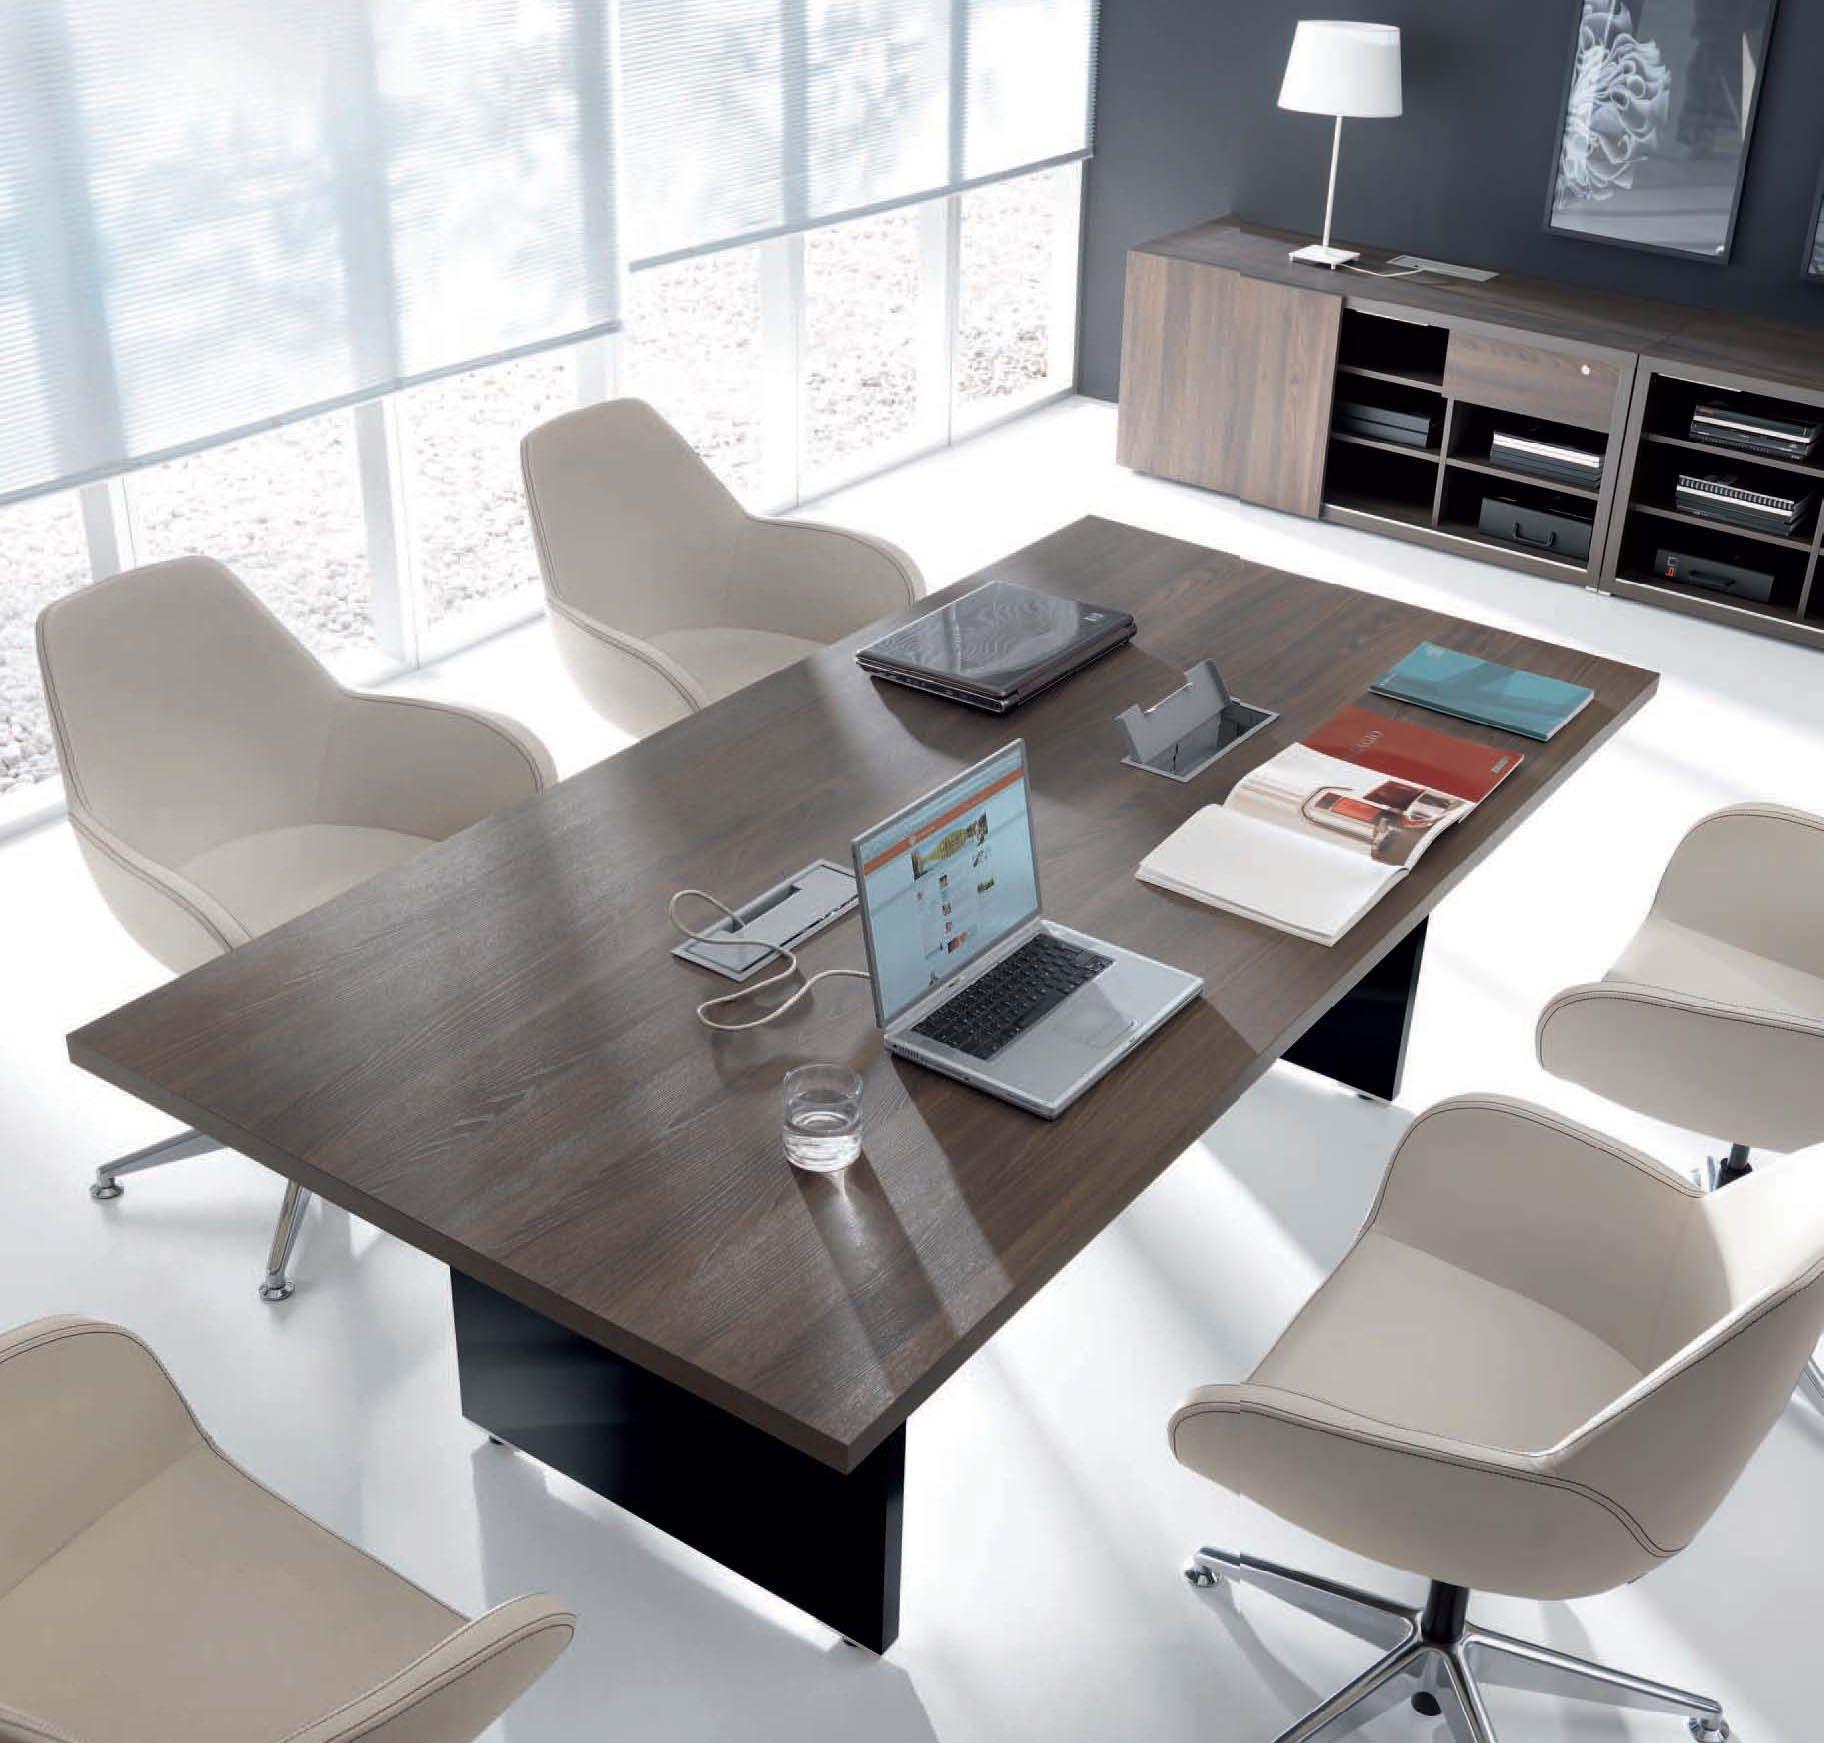 Mesa de reunión Mito de Simone Bernocchi | Furniture | Pinterest